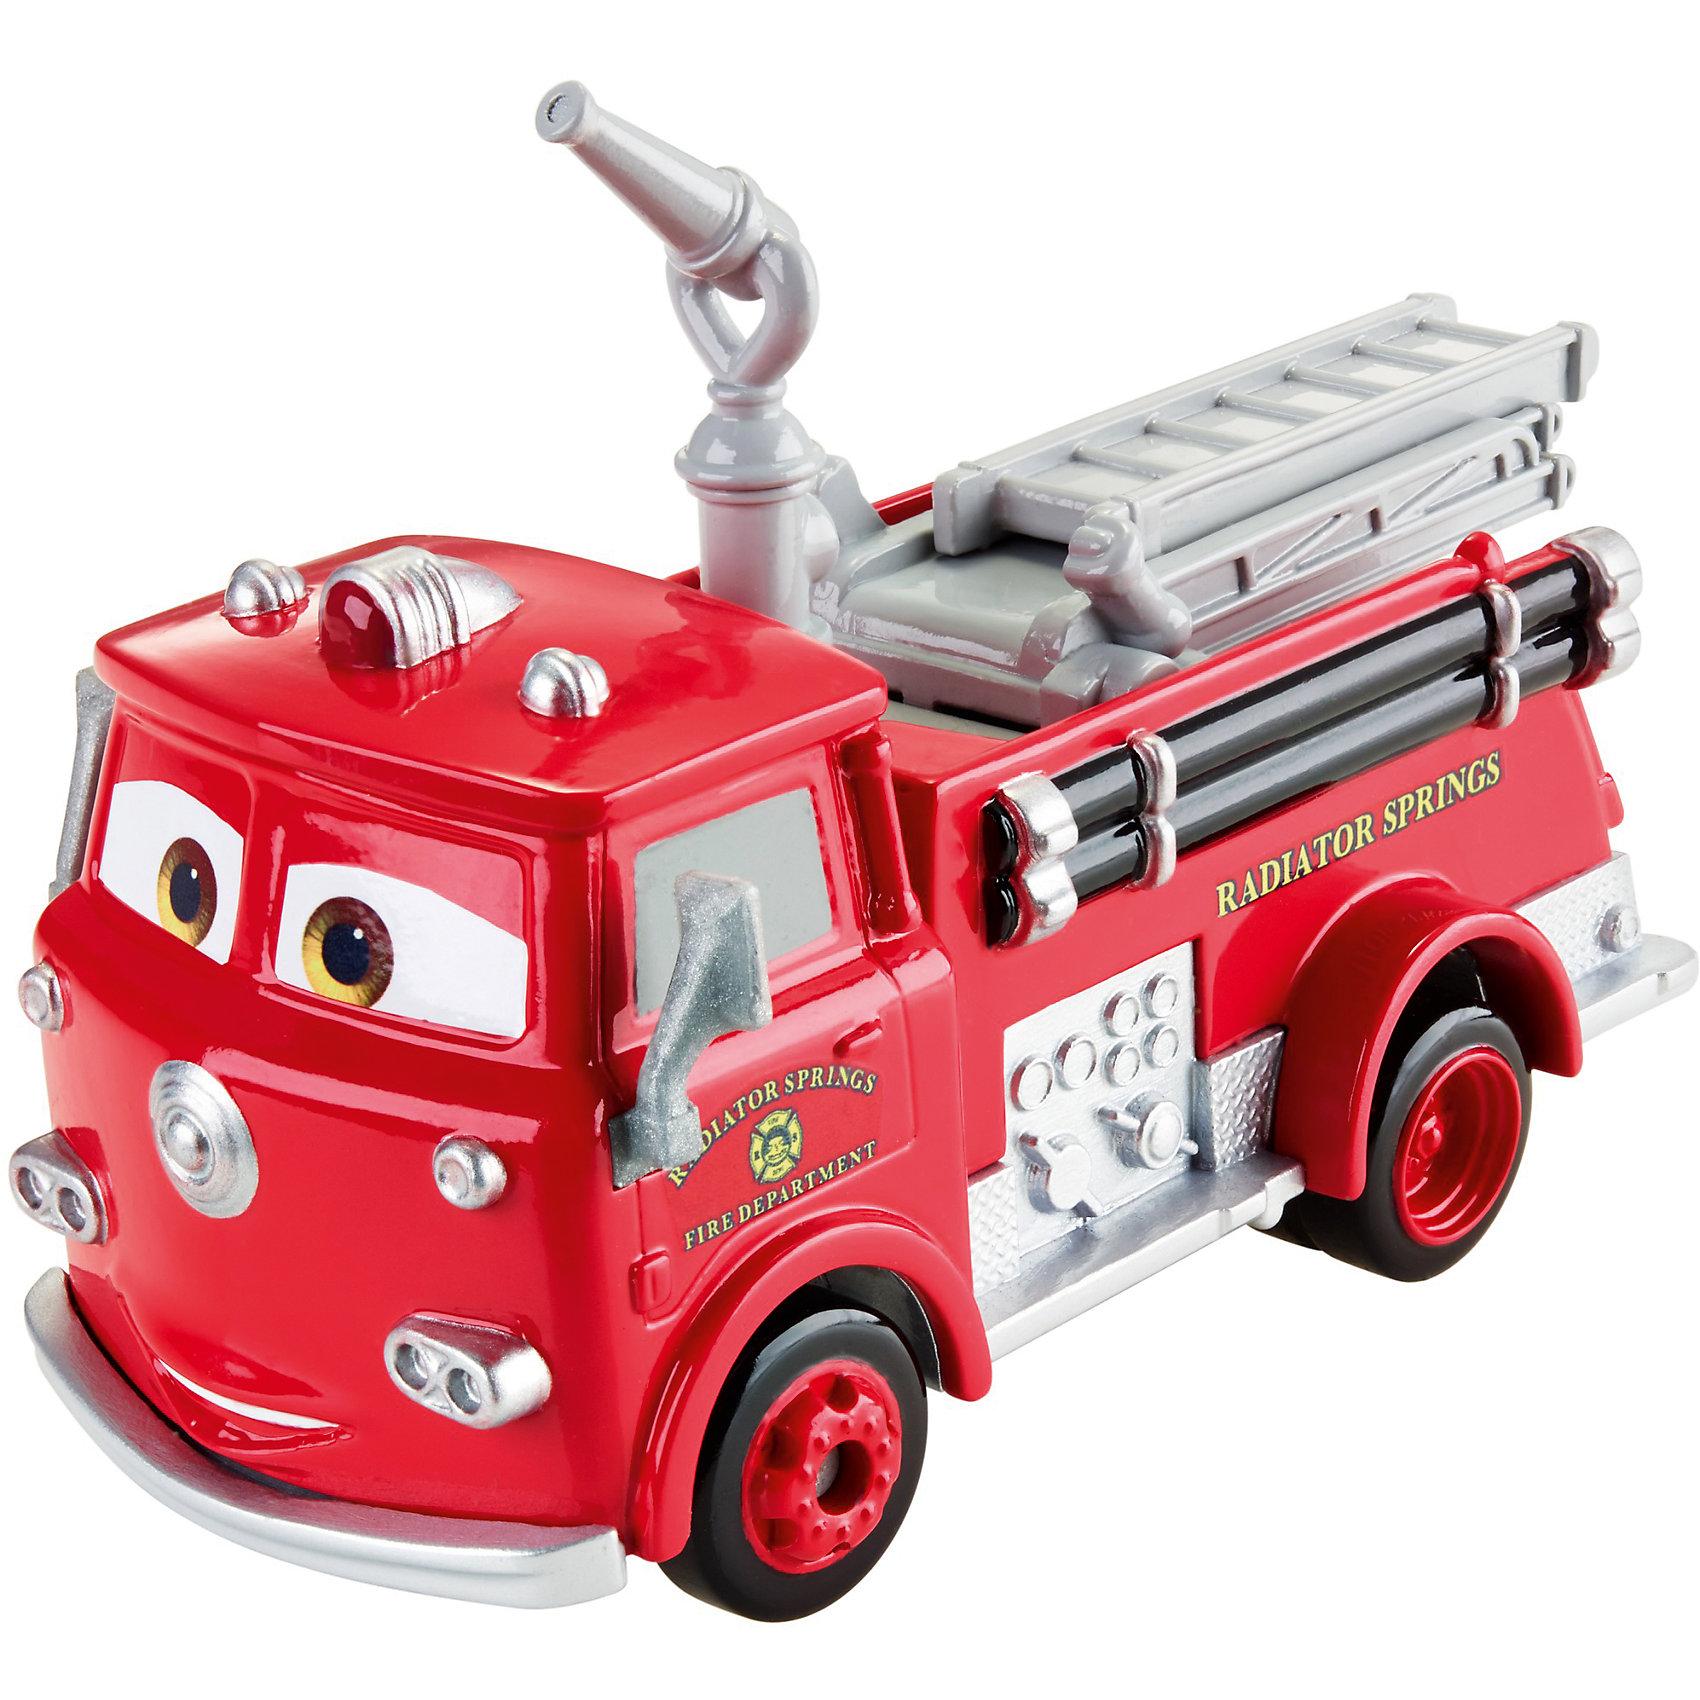 Пожарная машина, ТачкиТачки<br>Характеристики товара:<br><br>• возраст: от 3 лет;<br>• материал: пластик;<br>• в комплекте: машинка;<br>• размер упаковки: 19х16,5х7 см;<br>• вес упаковки: 419 гр.;<br>• страна производитель: Китай.<br><br>Пожарная машина Тачки Mattel создана по мотивам известного мультфильма «Тачки» про приключения Молнии Маккуина. Она представляет собой одного из персонажей мультфильма. Машинка хорошо детализирована, имеет подвижные детали. Изготовлена из качественных безопасных материалов.<br><br>Пожарную машину Тачки Mattel можно приобрести в нашем интернет-магазине.<br><br>Ширина мм: 165<br>Глубина мм: 70<br>Высота мм: 190<br>Вес г: 419<br>Возраст от месяцев: 36<br>Возраст до месяцев: 120<br>Пол: Мужской<br>Возраст: Детский<br>SKU: 6882650